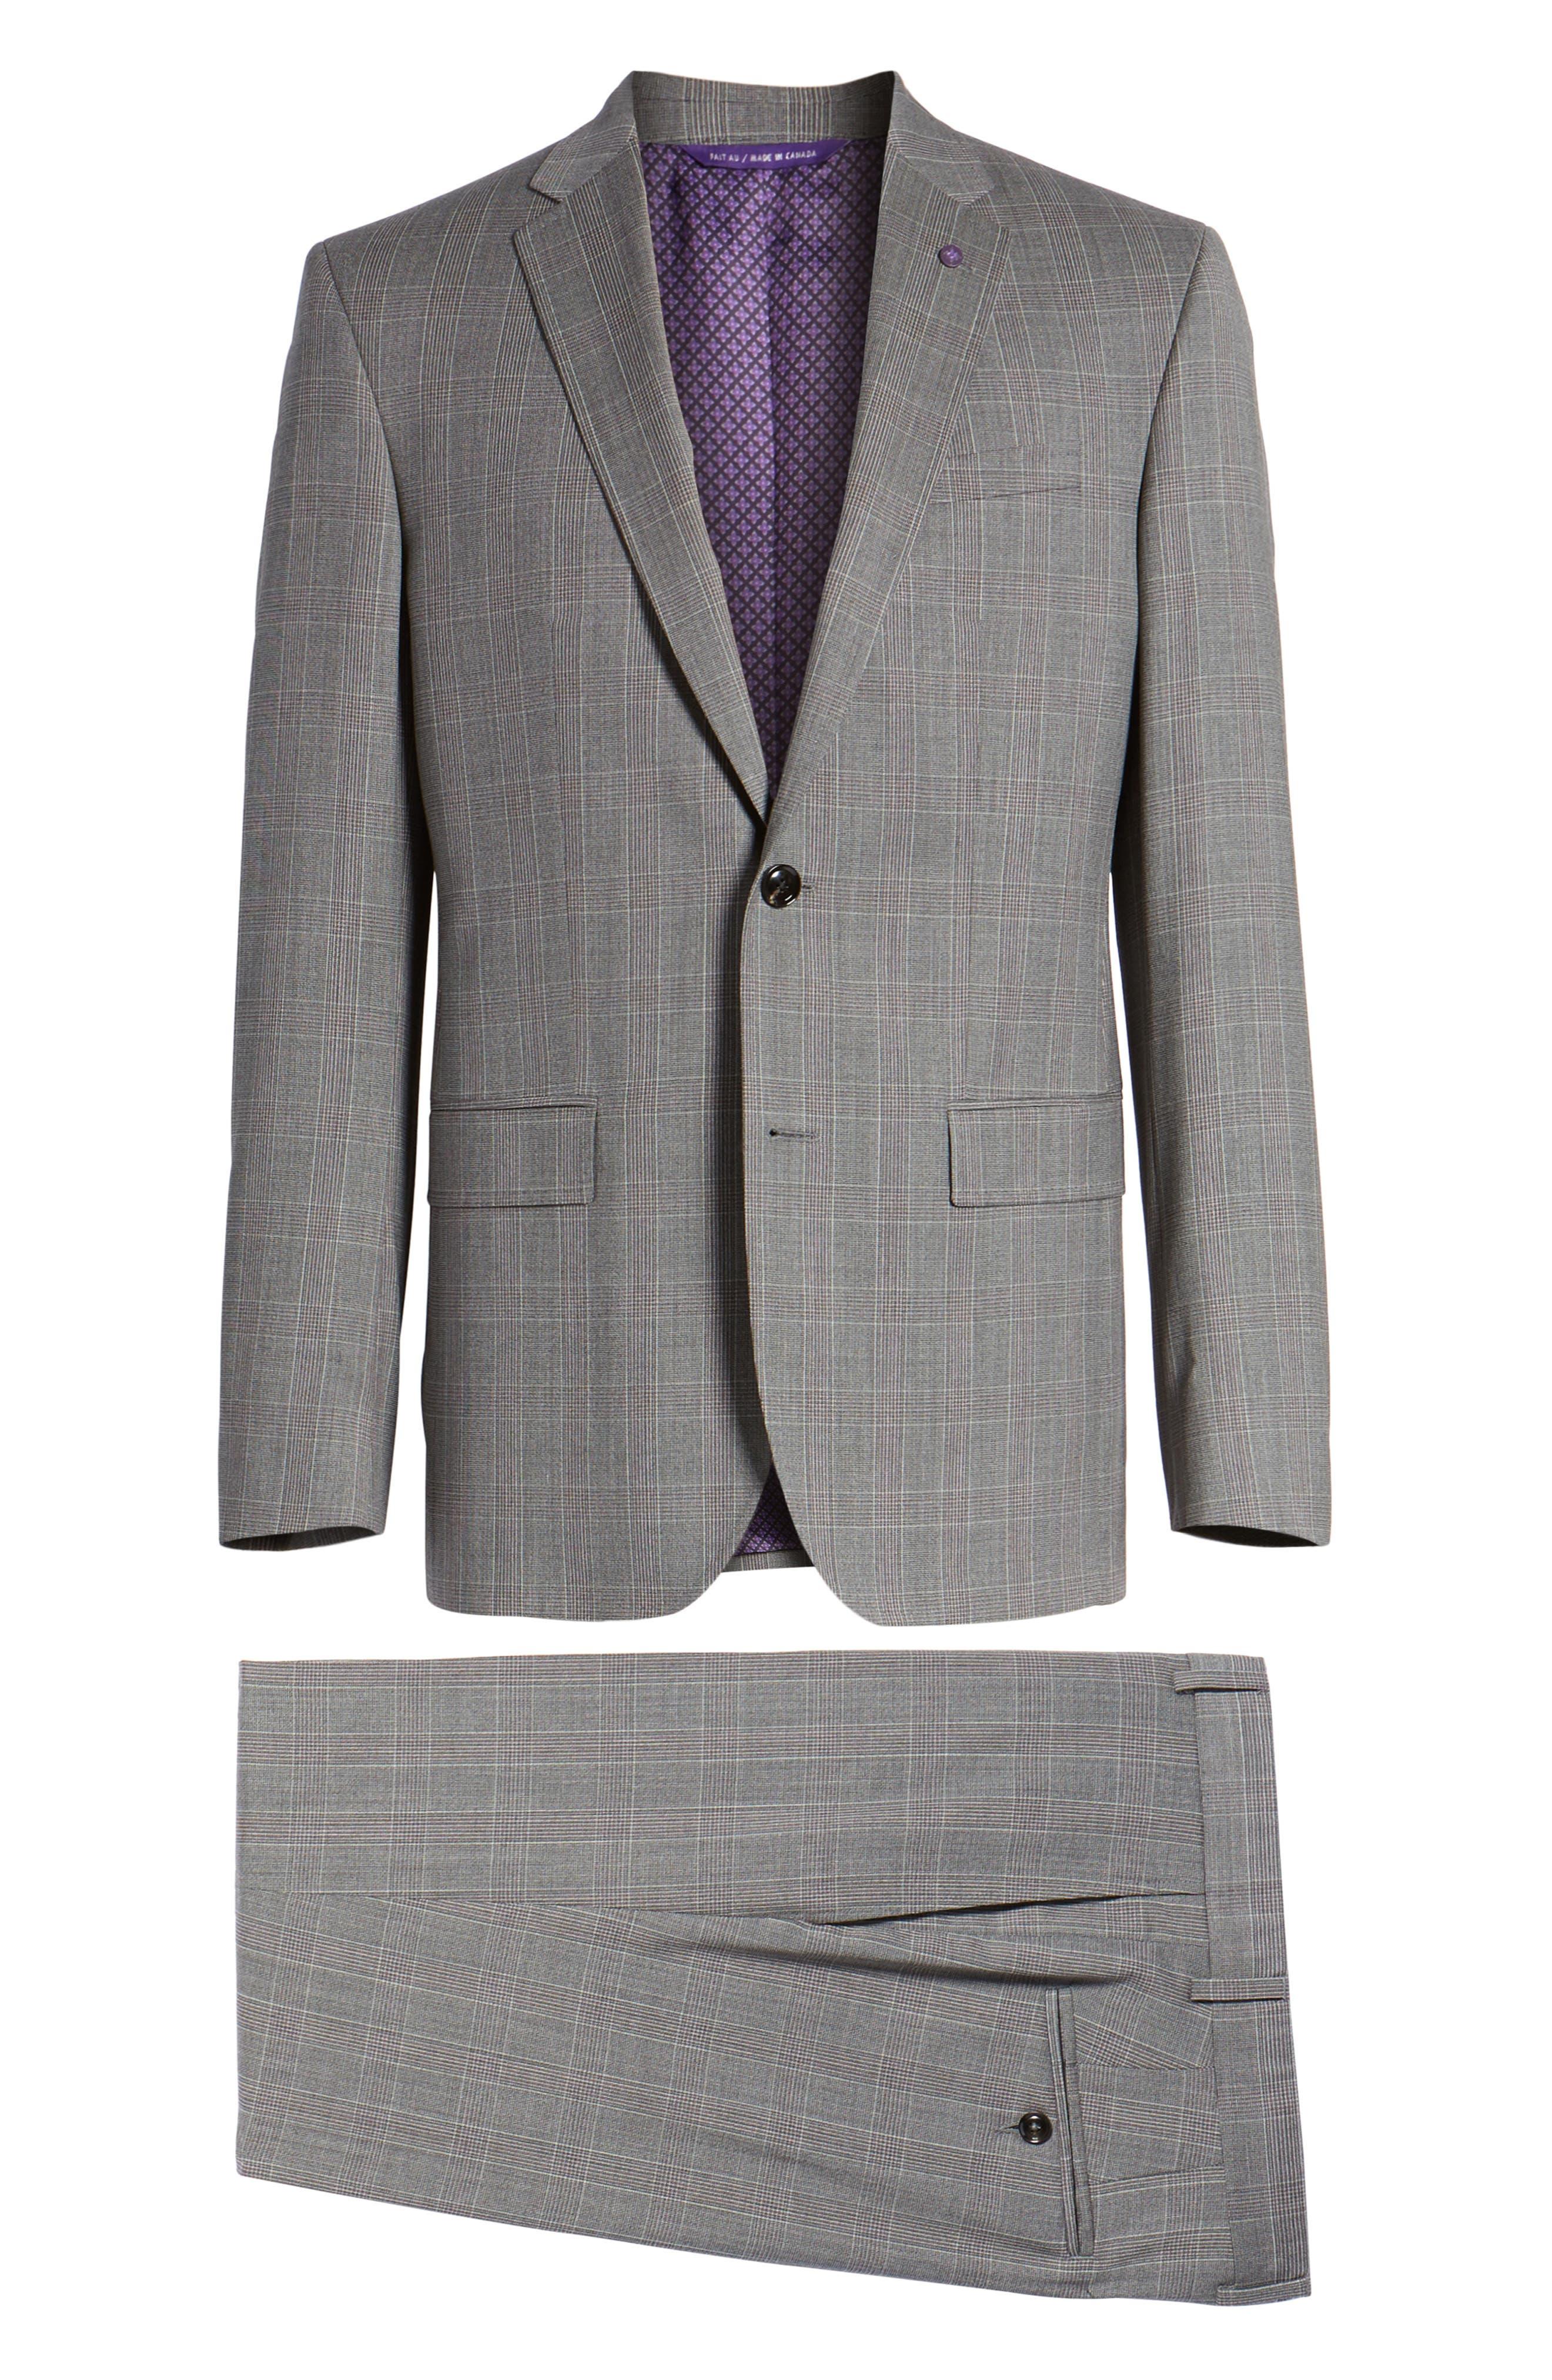 Jay Trim Fit Plaid Wool Suit,                             Alternate thumbnail 8, color,                             Grey